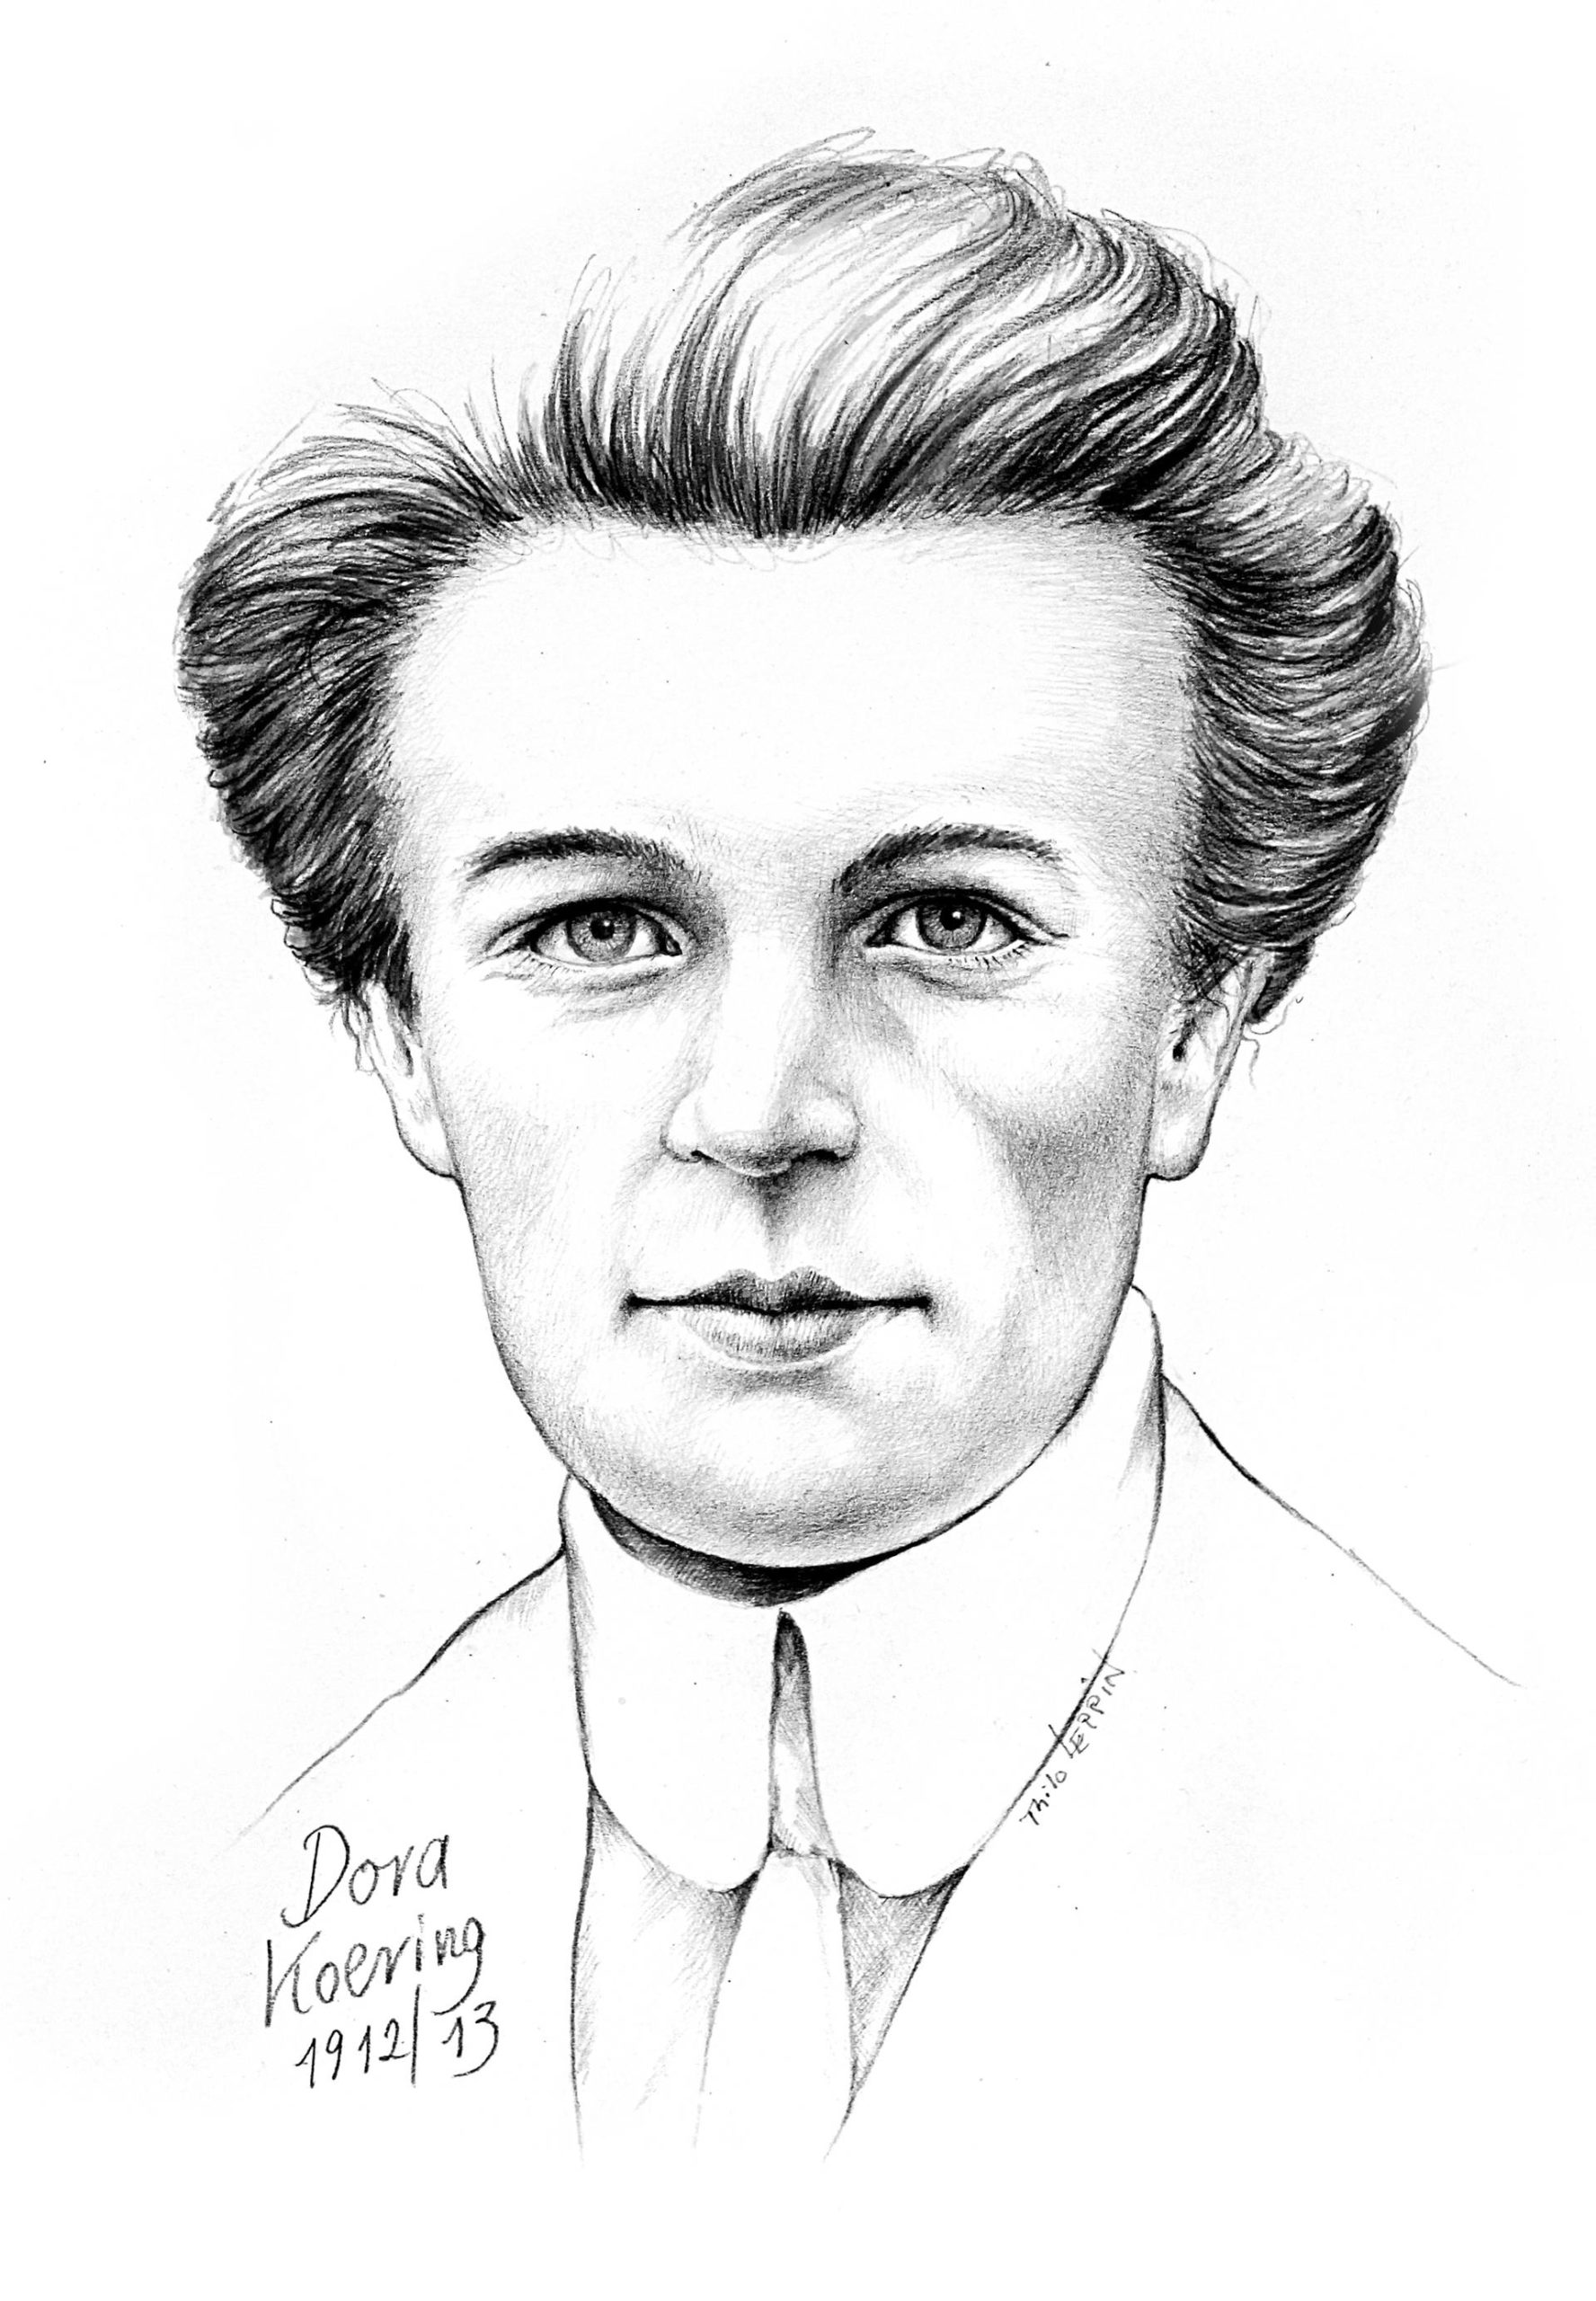 Dora Köring